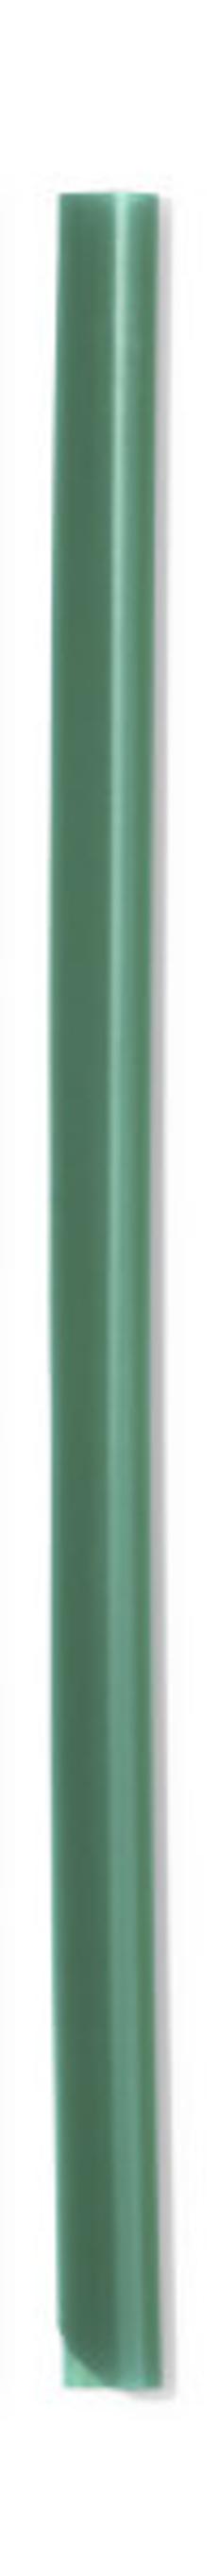 Скрепкошина для документов А4, 3 мм, зеленая фото